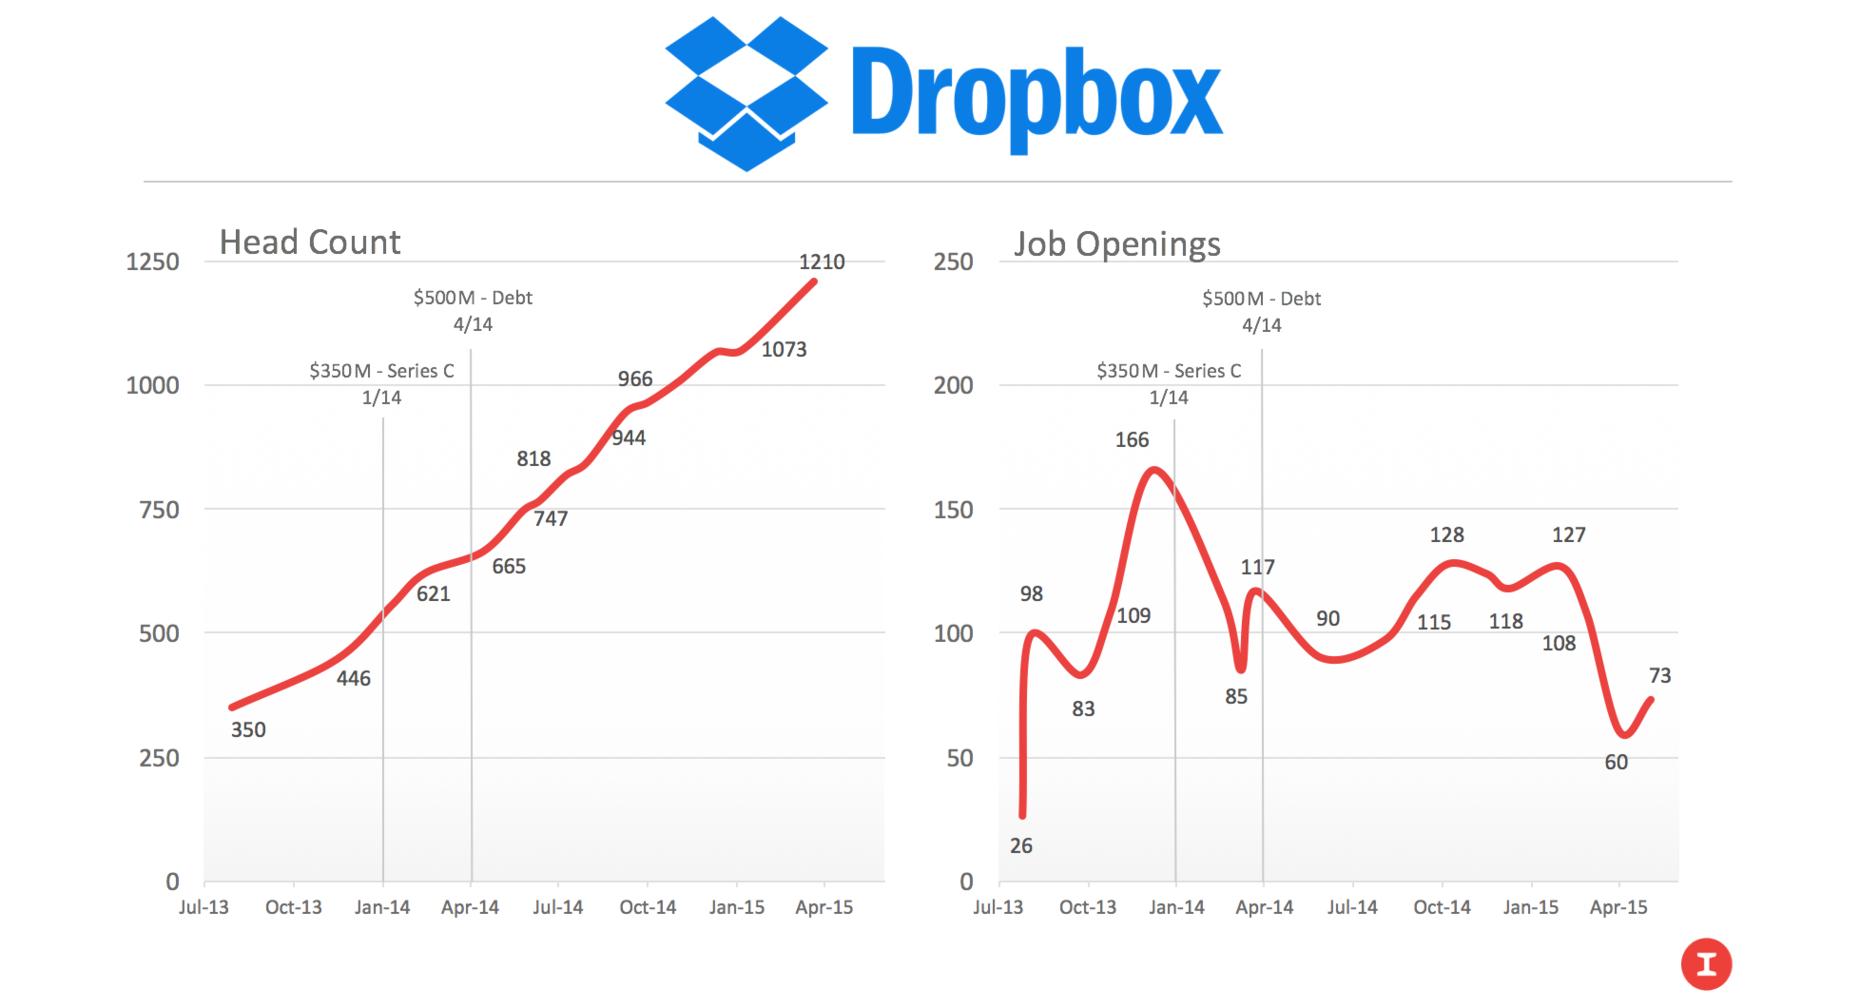 Data via Mattermark and DataFox